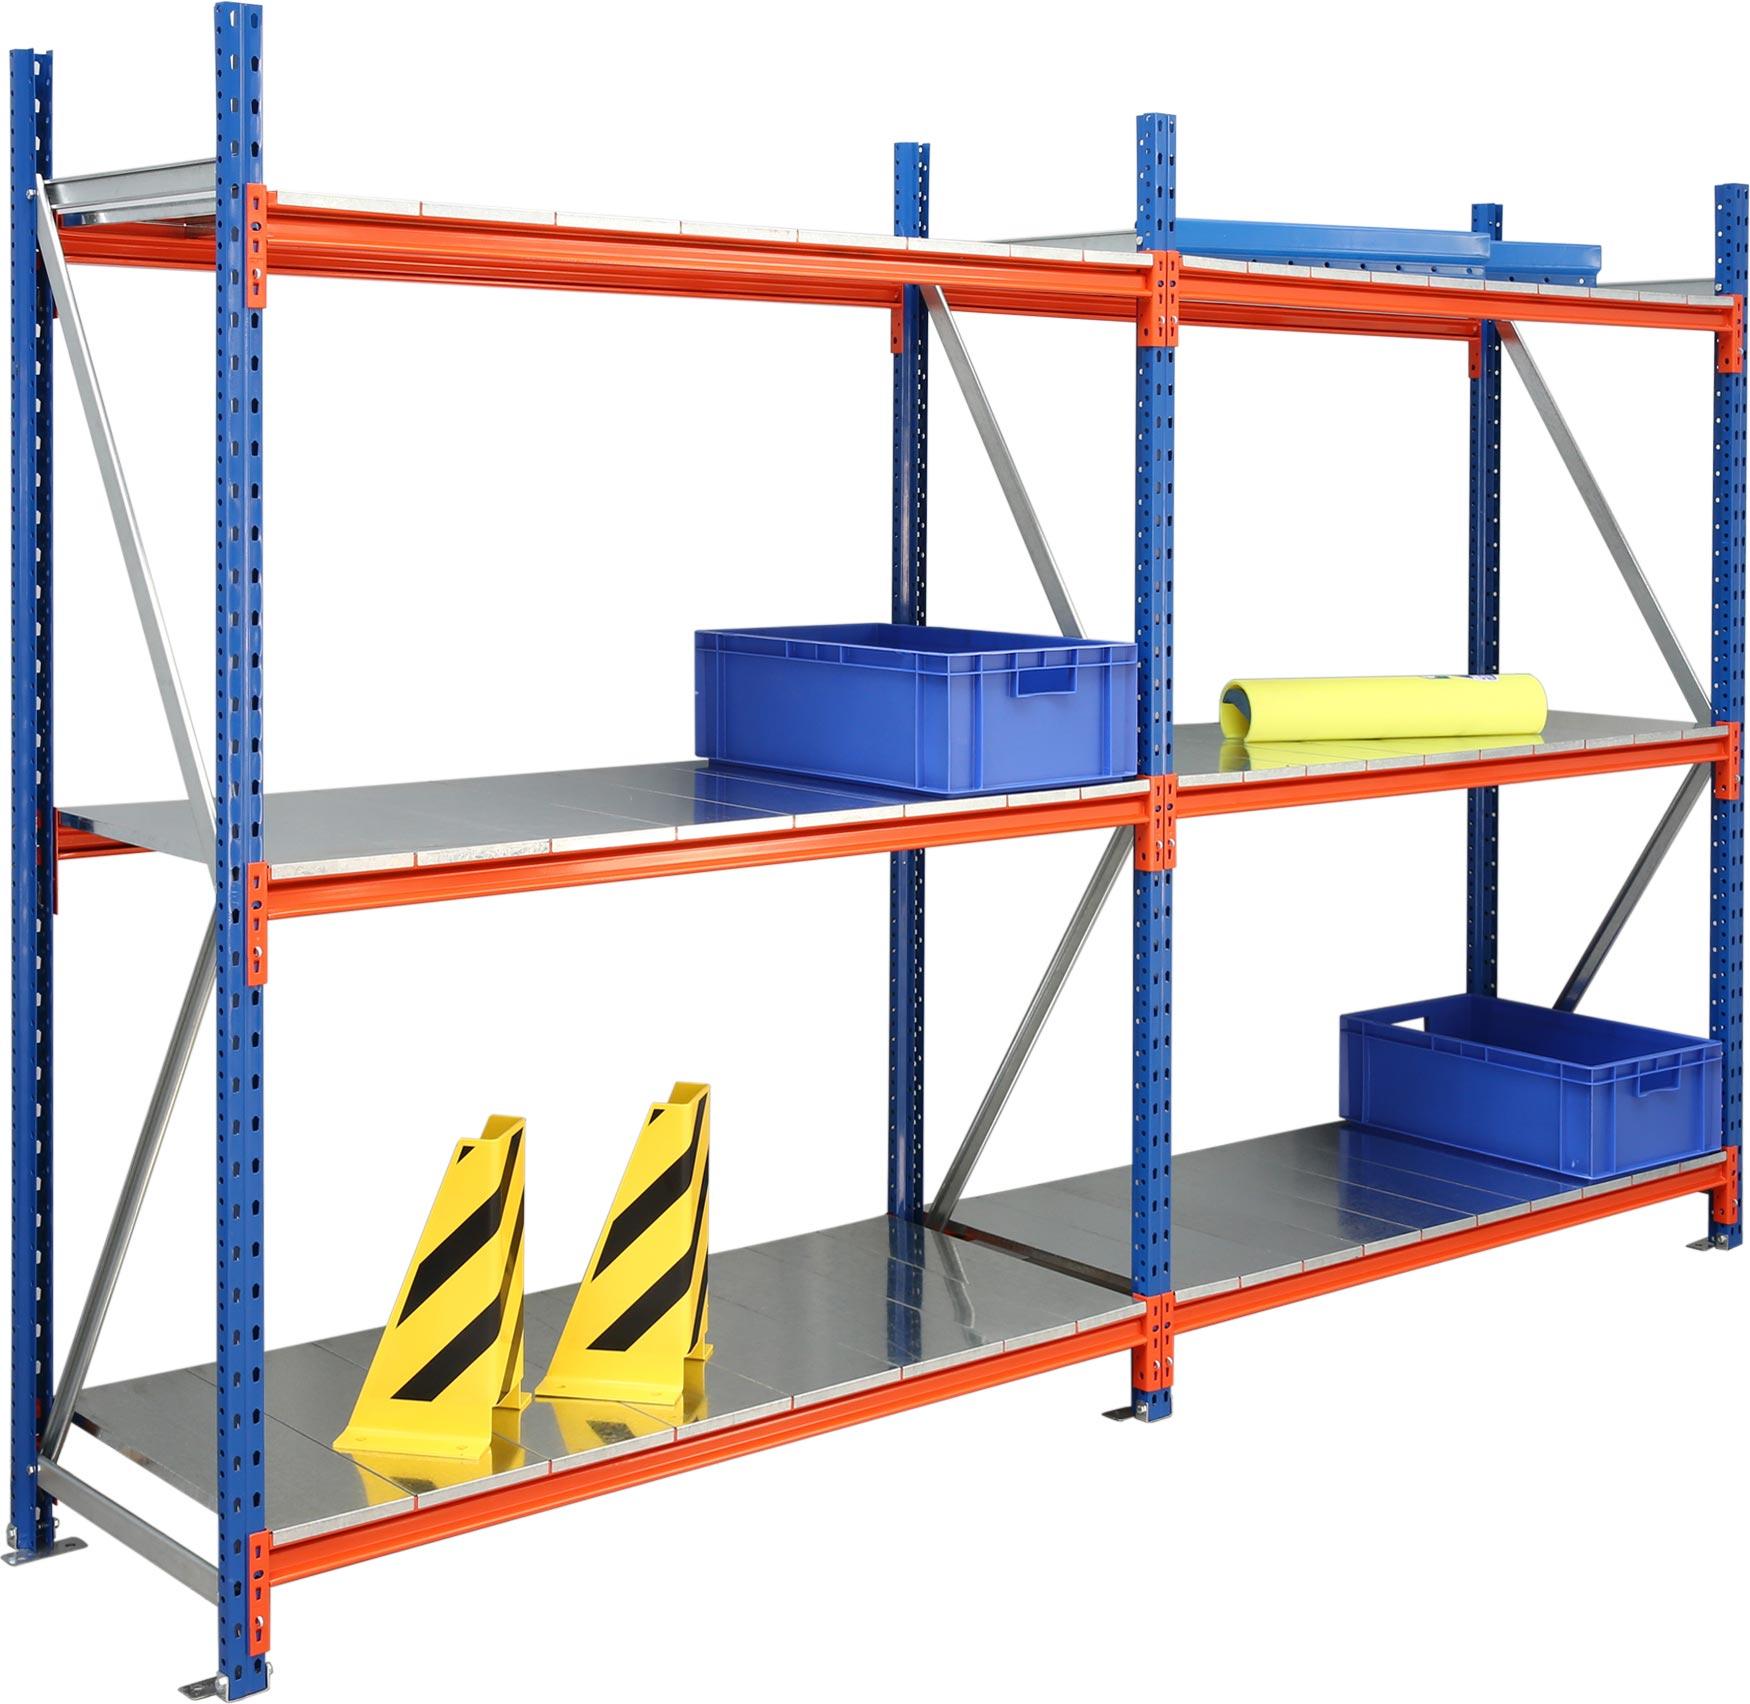 Regalwerk EMMA Weitspannregal mit Stahlauflage